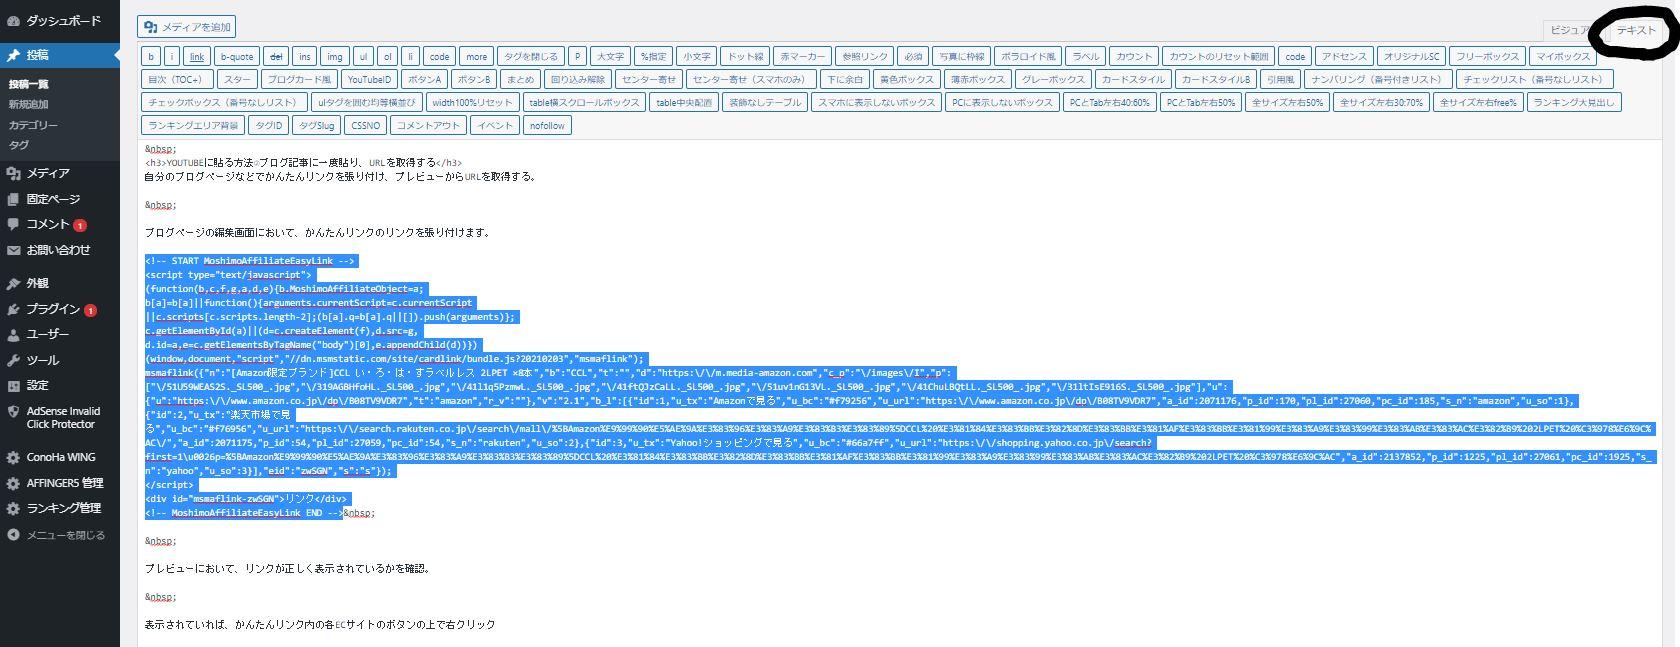 ブログページなどでかんたんリンクを張り付け、プレビューからURLを取得